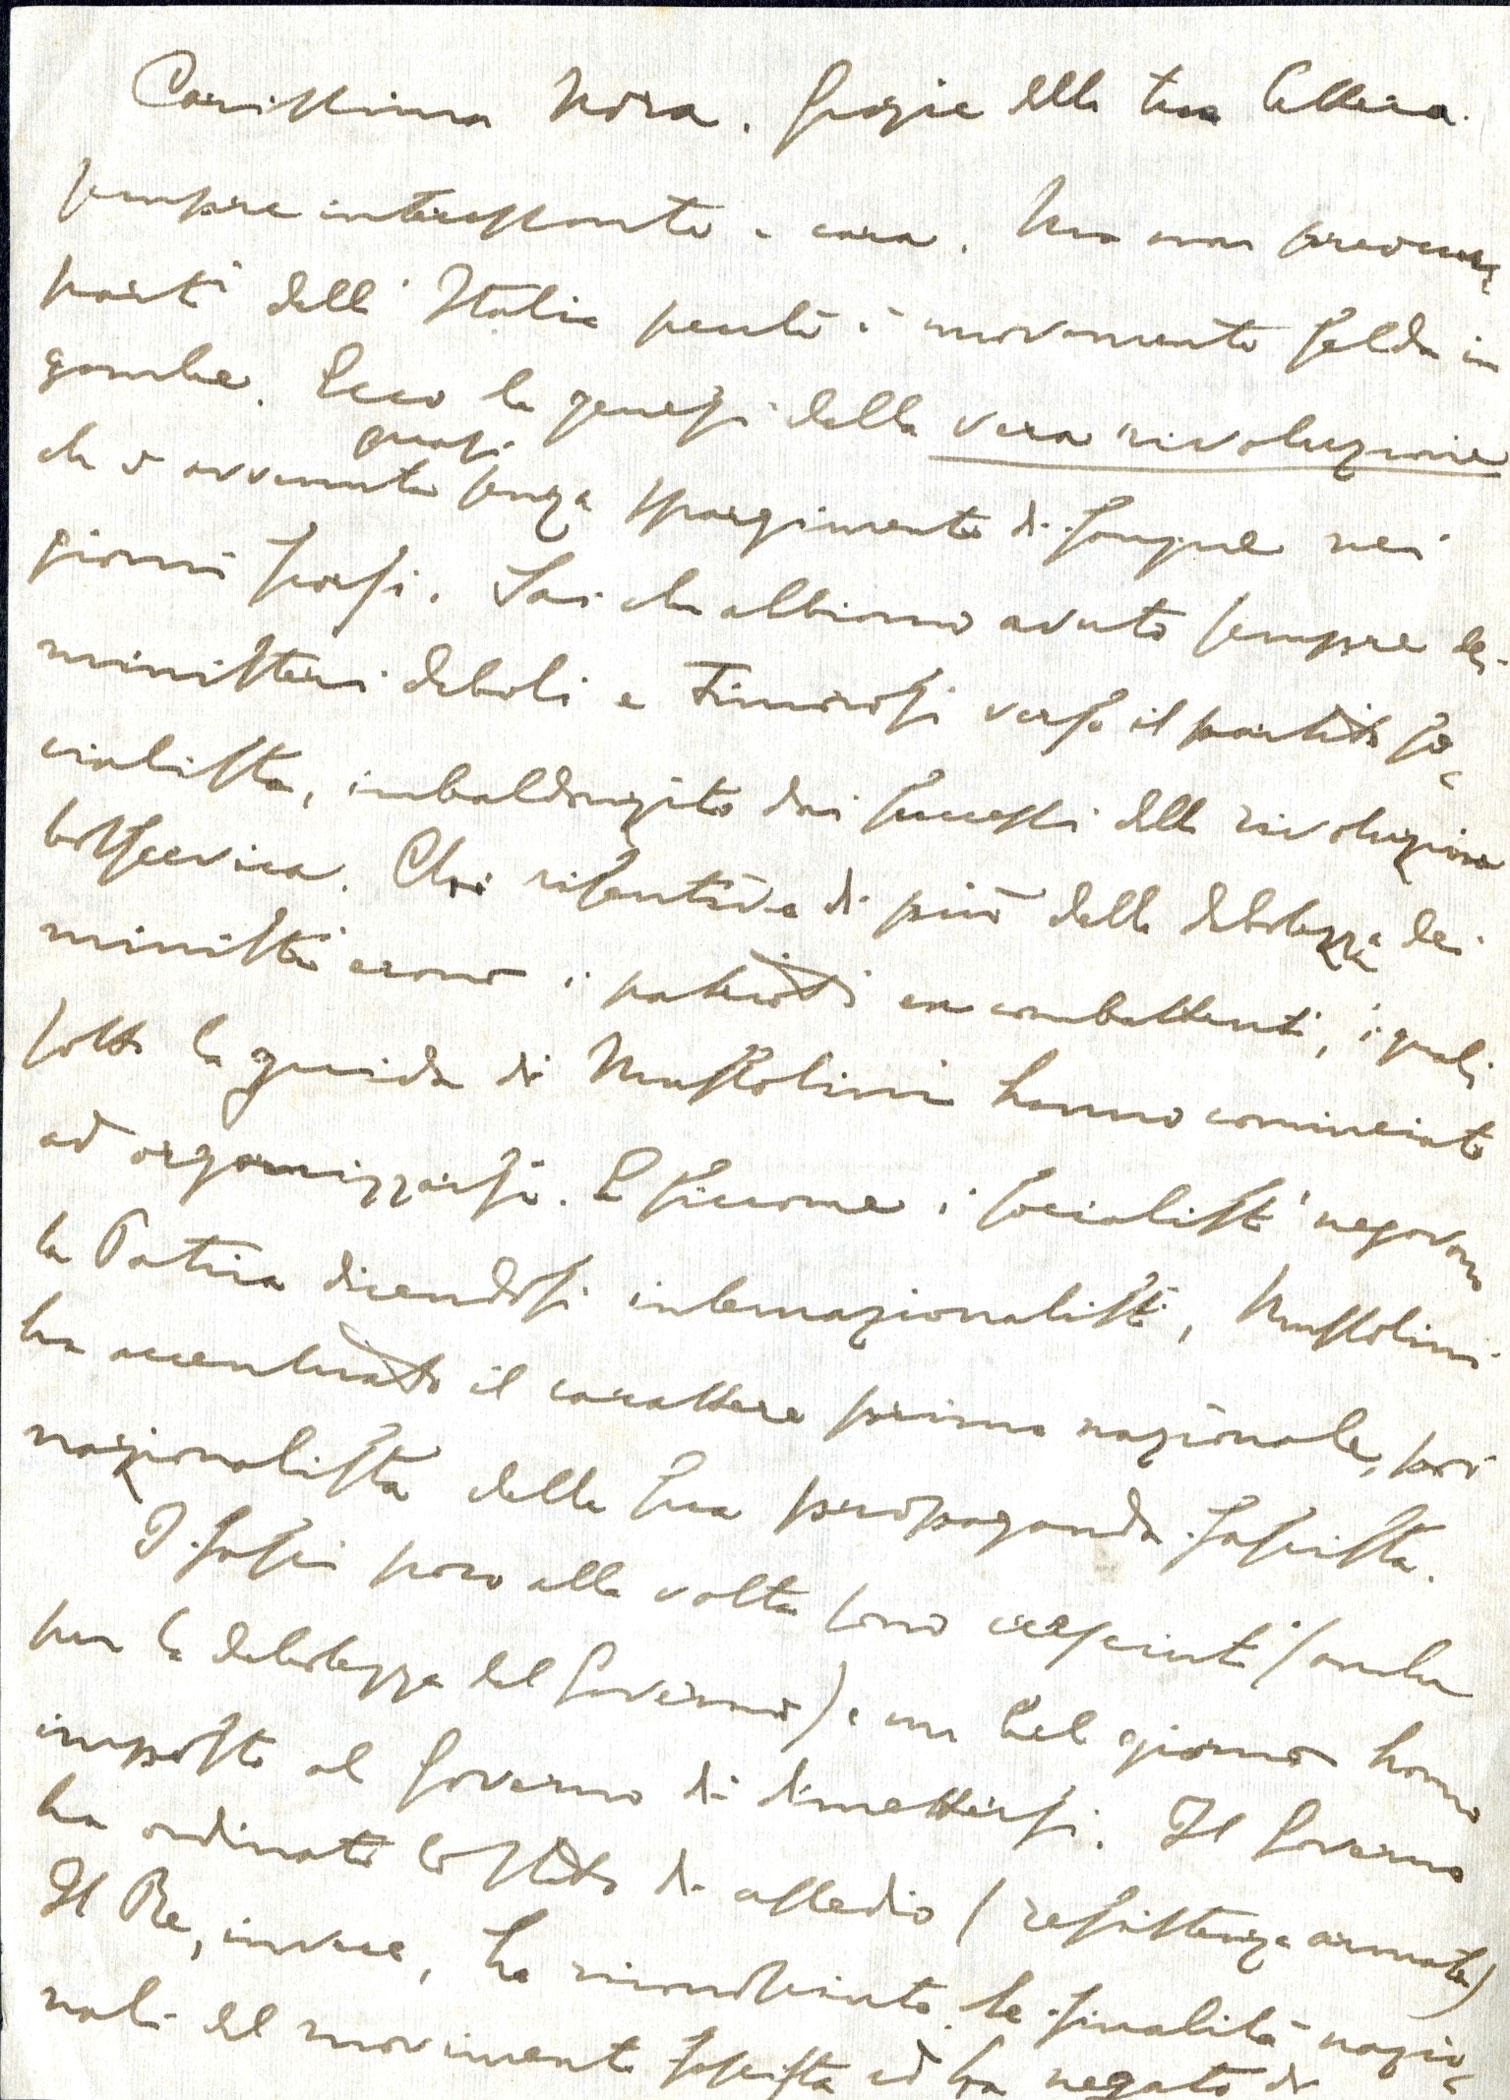 Lettera di Giulio Cesare Ferrari alla figlia Nora, ottobre-novembre 1922